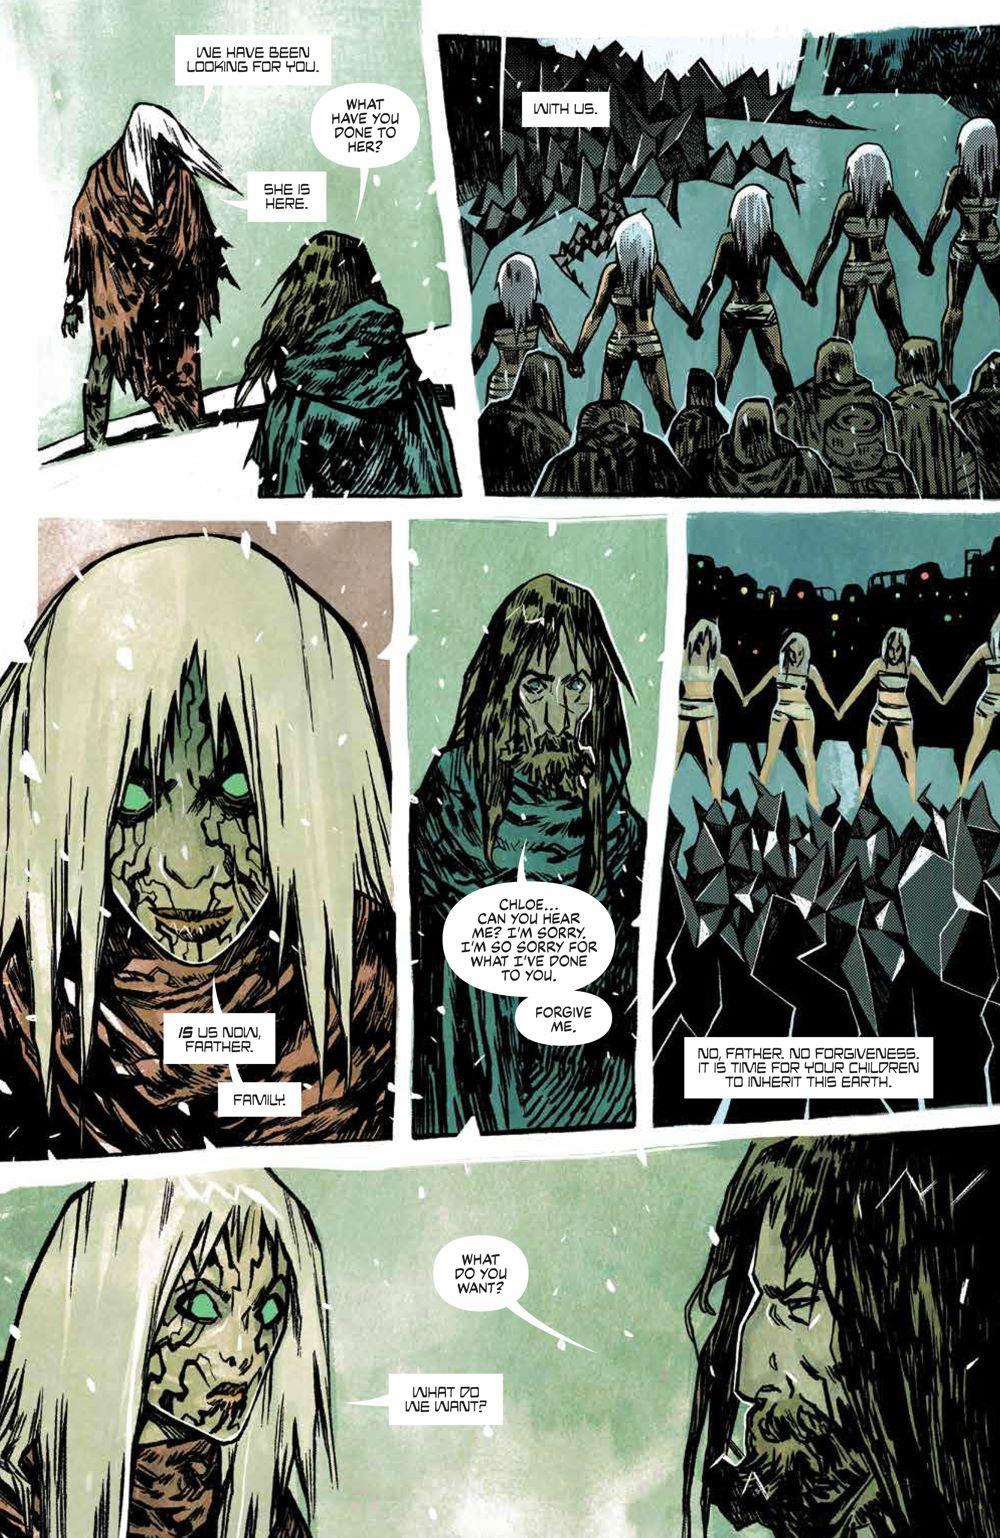 Origins_006_PRESS_4 ComicList Previews: ORIGINS #6 (OF 6)